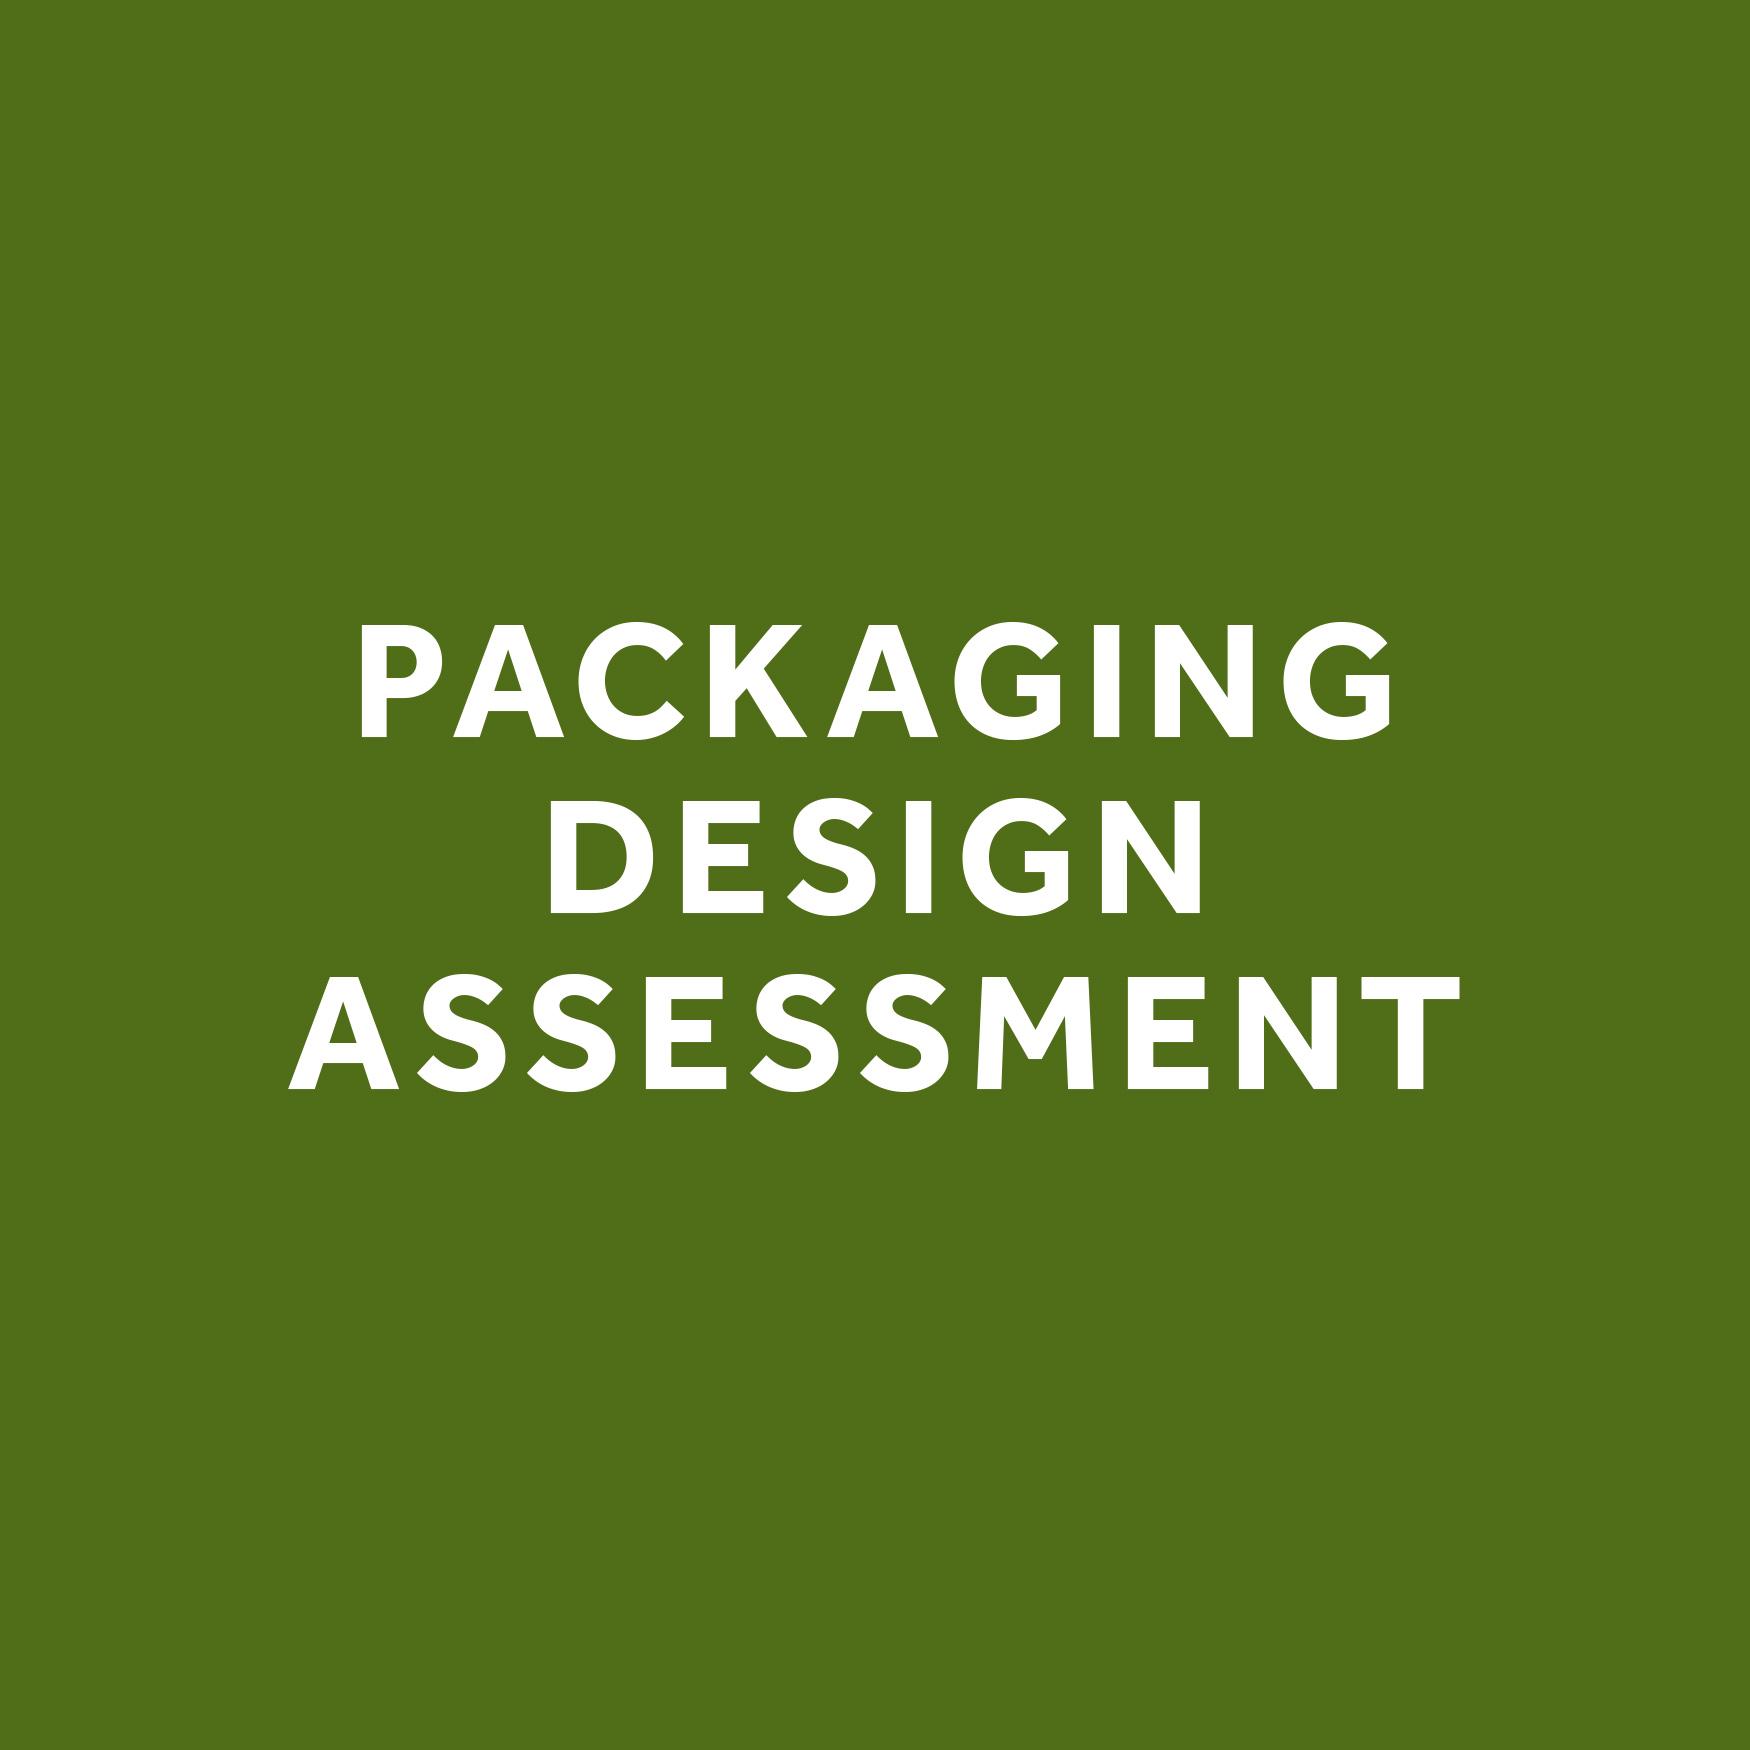 PACKAGING design.jpg